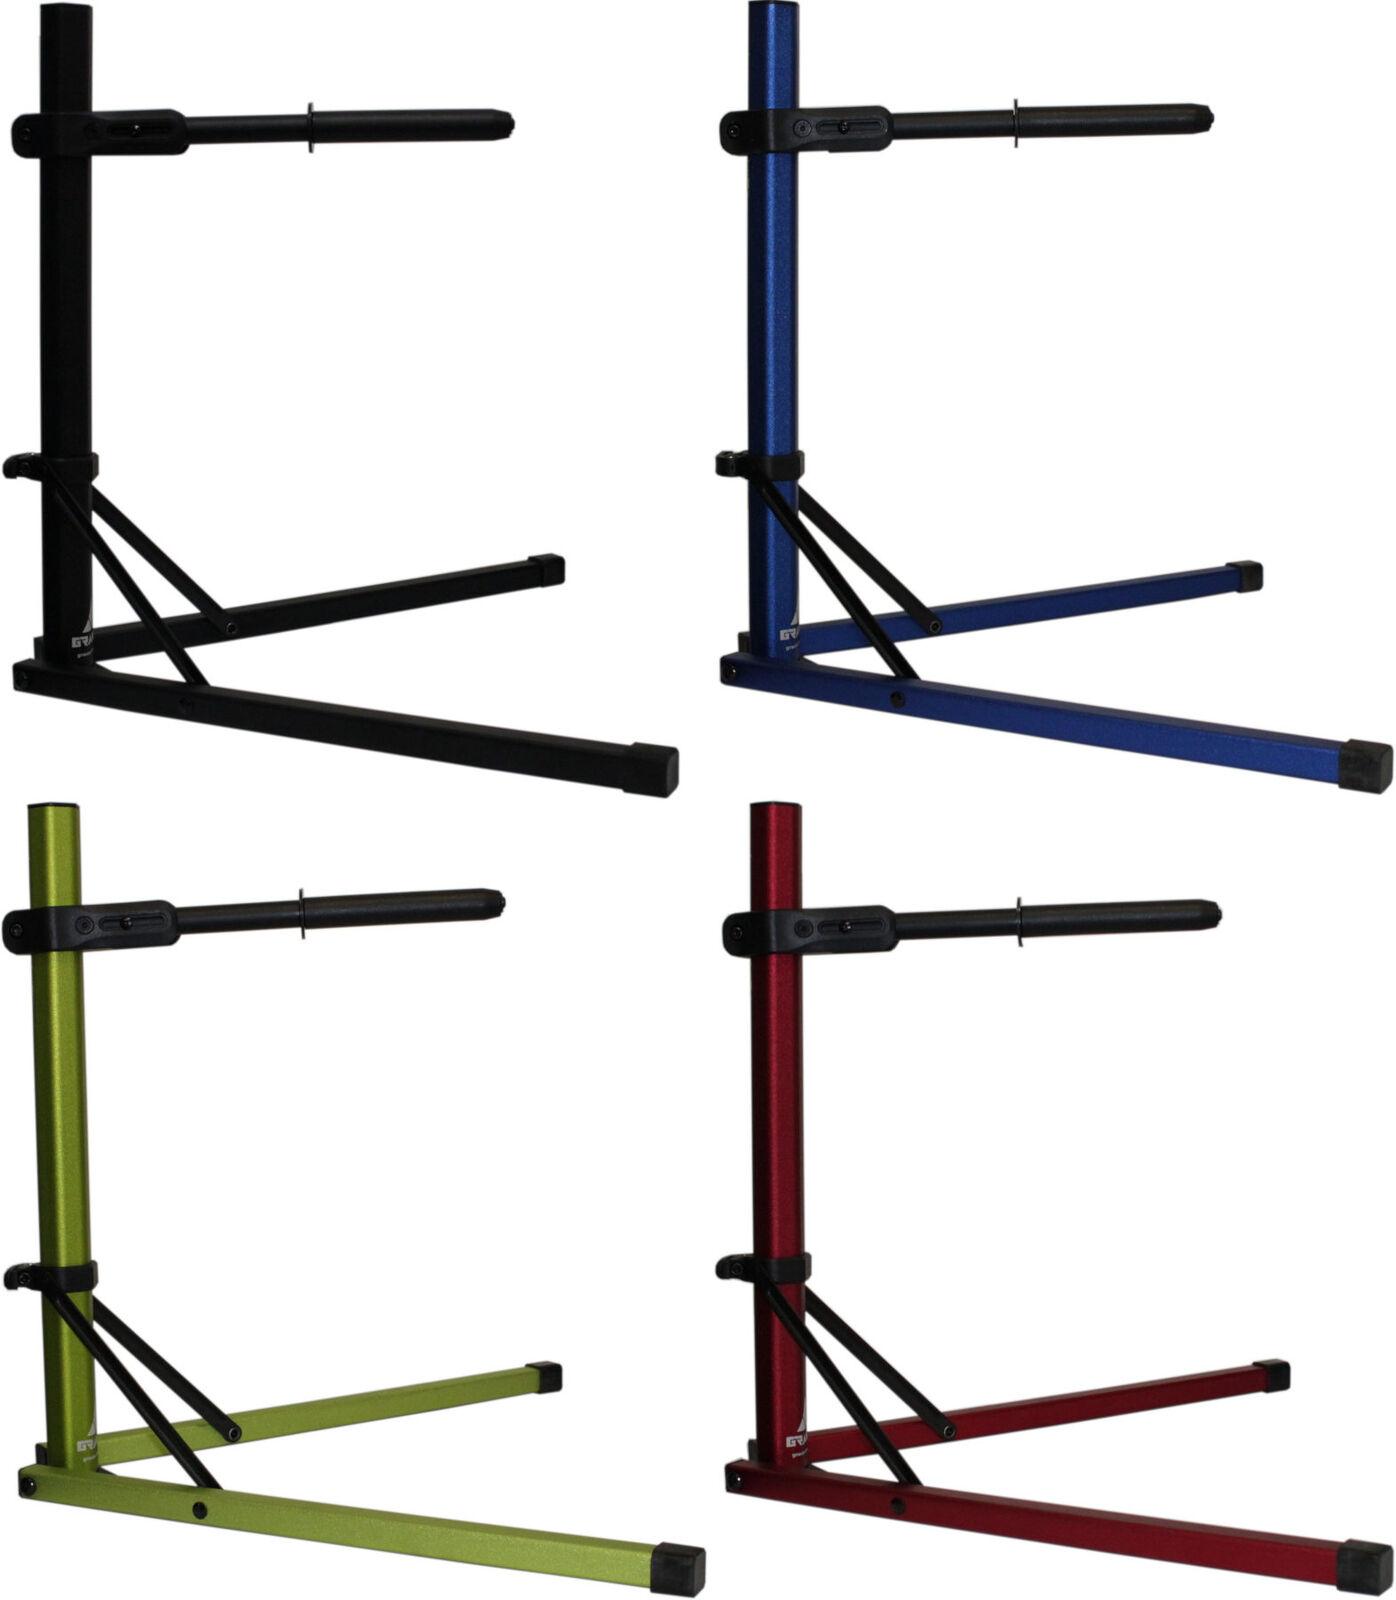 Granite Design Hex Stand incl. Shimano M20 Adaptor & Carry Bag